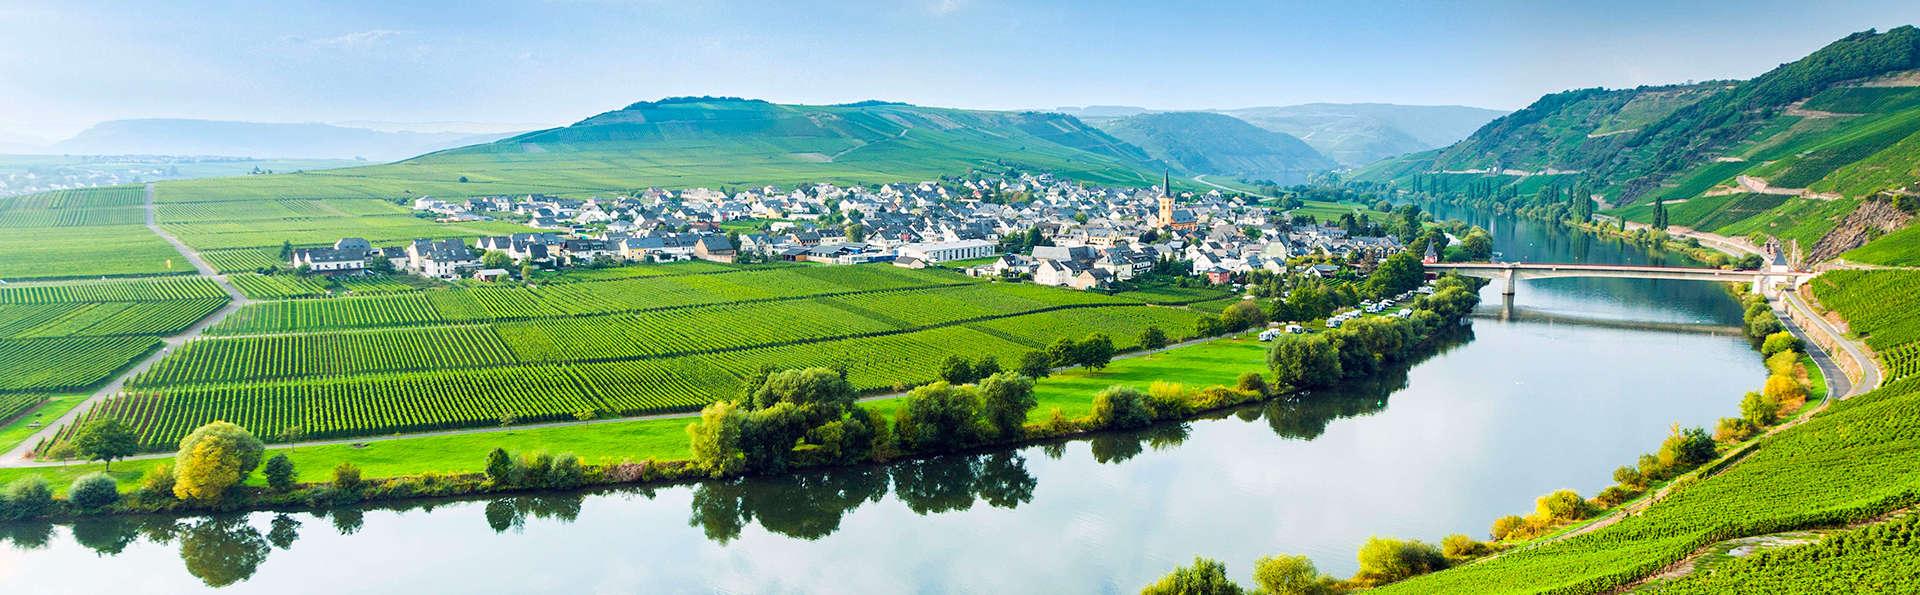 Randonnée dans le village viticole de Nittel au cœur de la Moselle (à partir de 2 nuits)